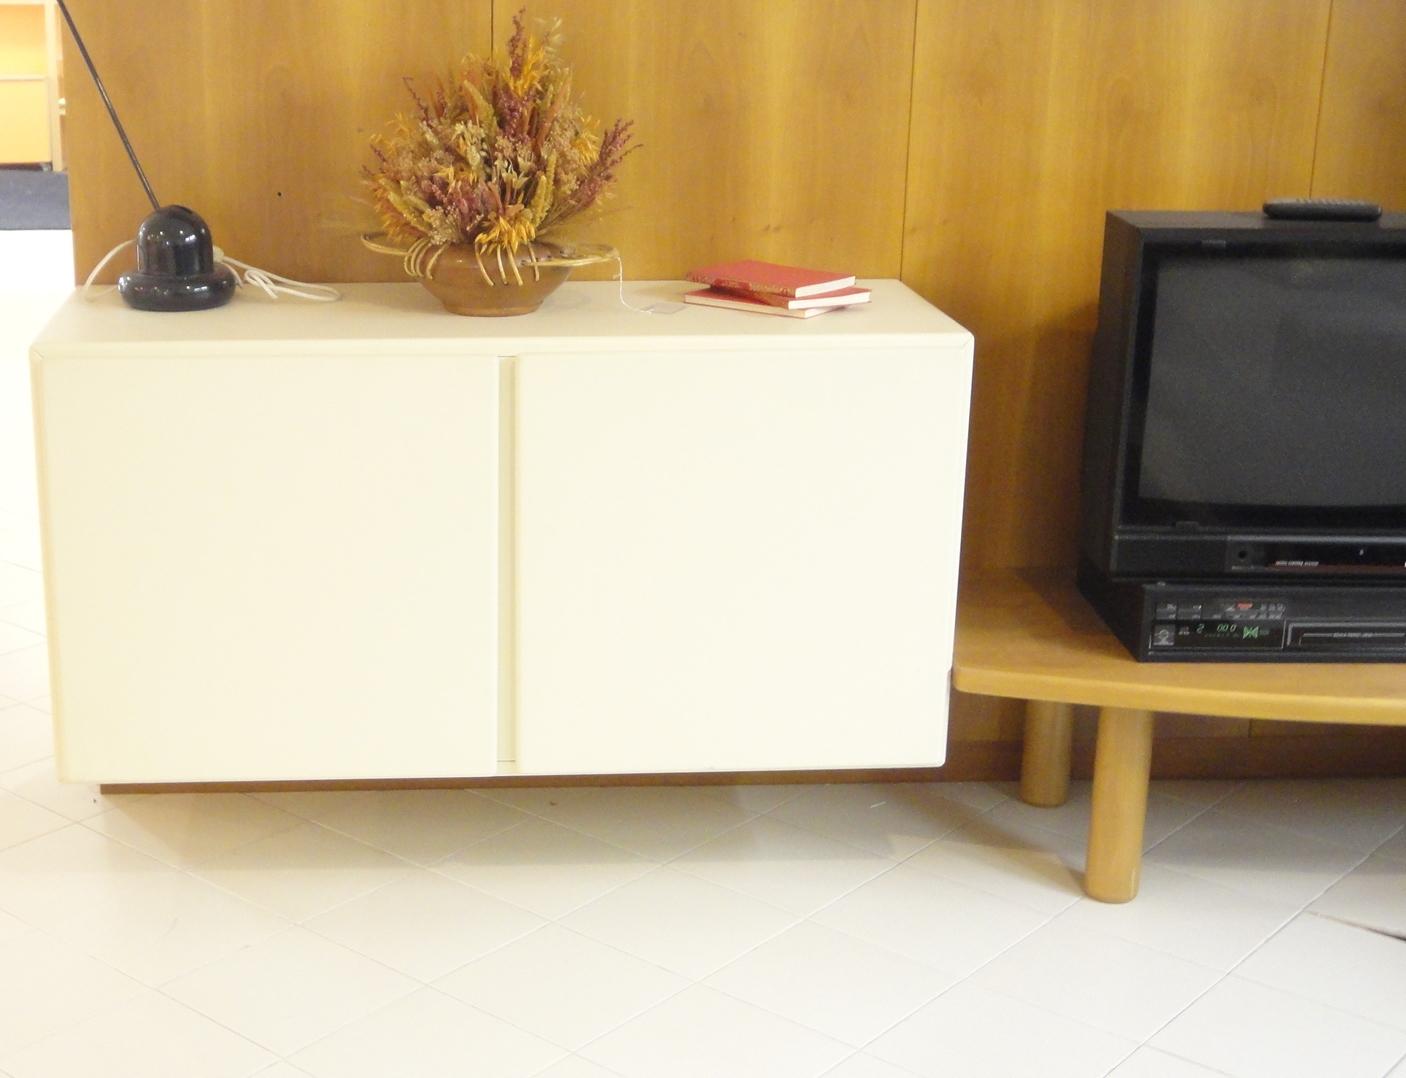 Mobile porta tv Vintage scontato 80% - Soggiorni a prezzi scontati